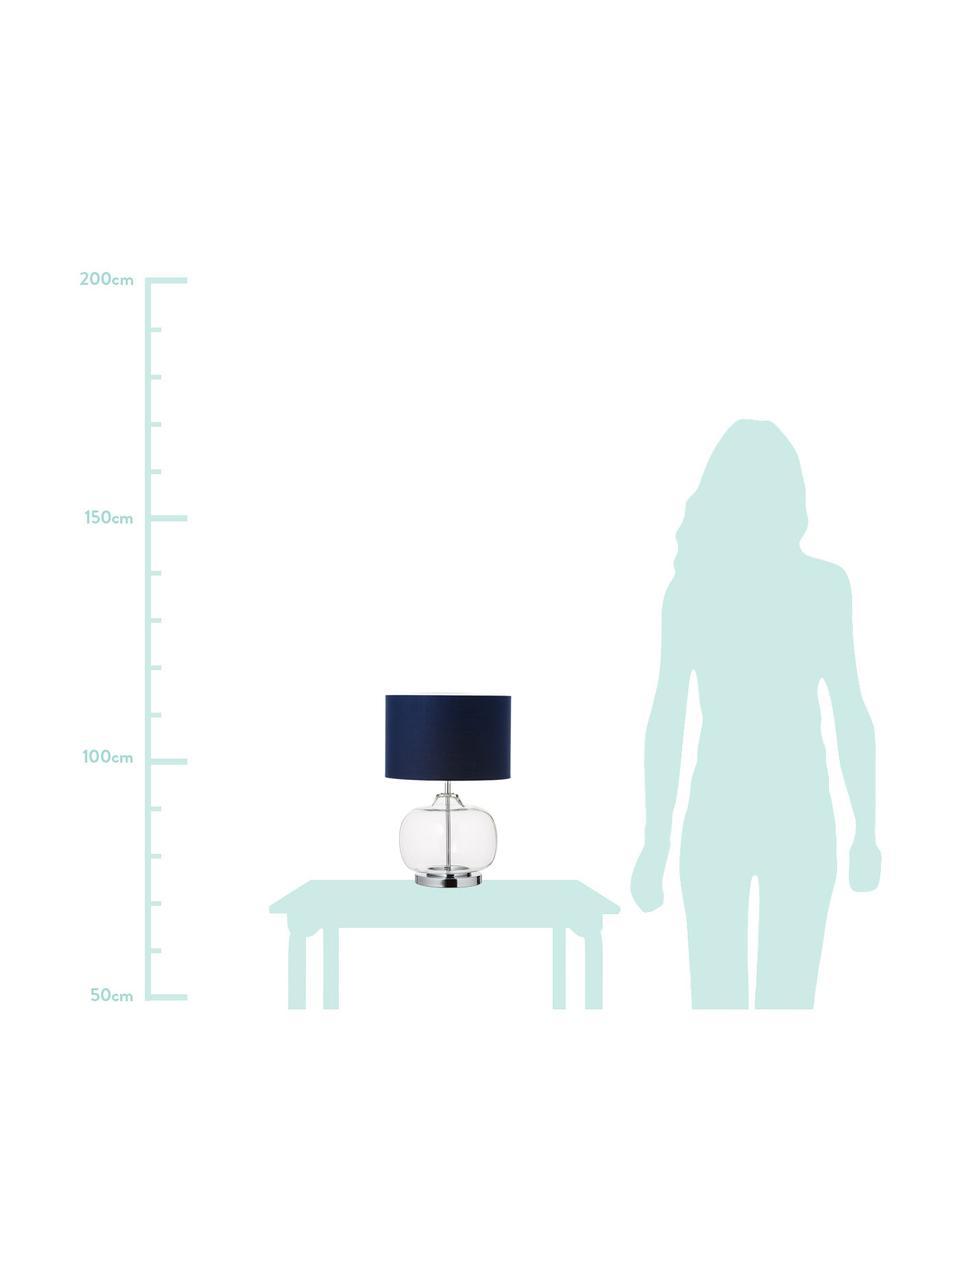 Transparente Tischlampe Amelia aus Glas, Lampenfuß: Glas, Lampenschirm: Baumwolle, Sockel: Metall, verchromt, Dunkelblau, ∅ 28 x H 41 cm